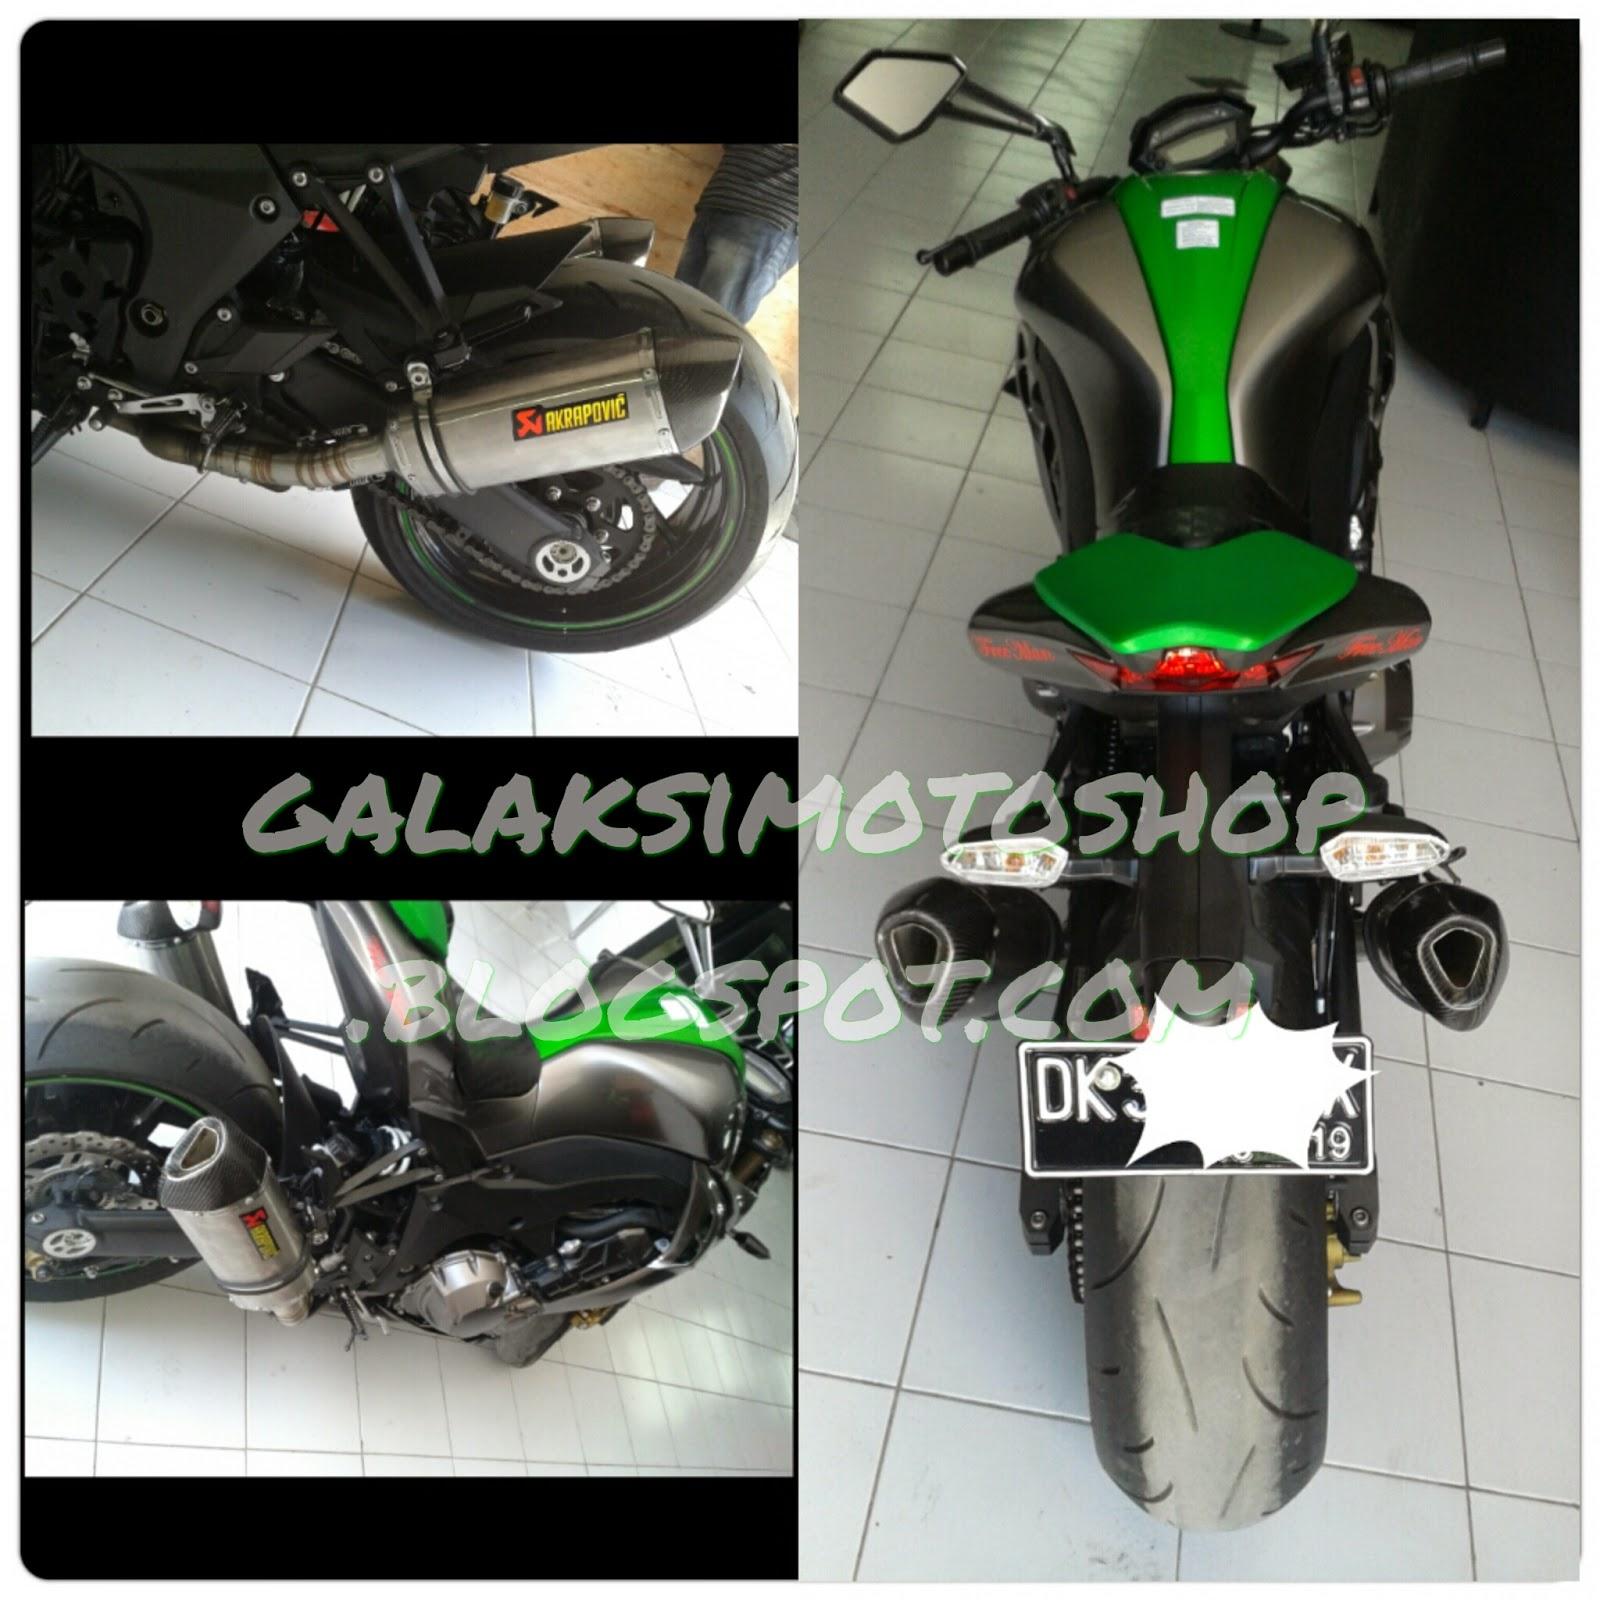 Knalpot Akrapovic Half Kevlar Ninja Z1000 Galaksi Motoshop R9 Assen Honda All New Cbr 250 Full System